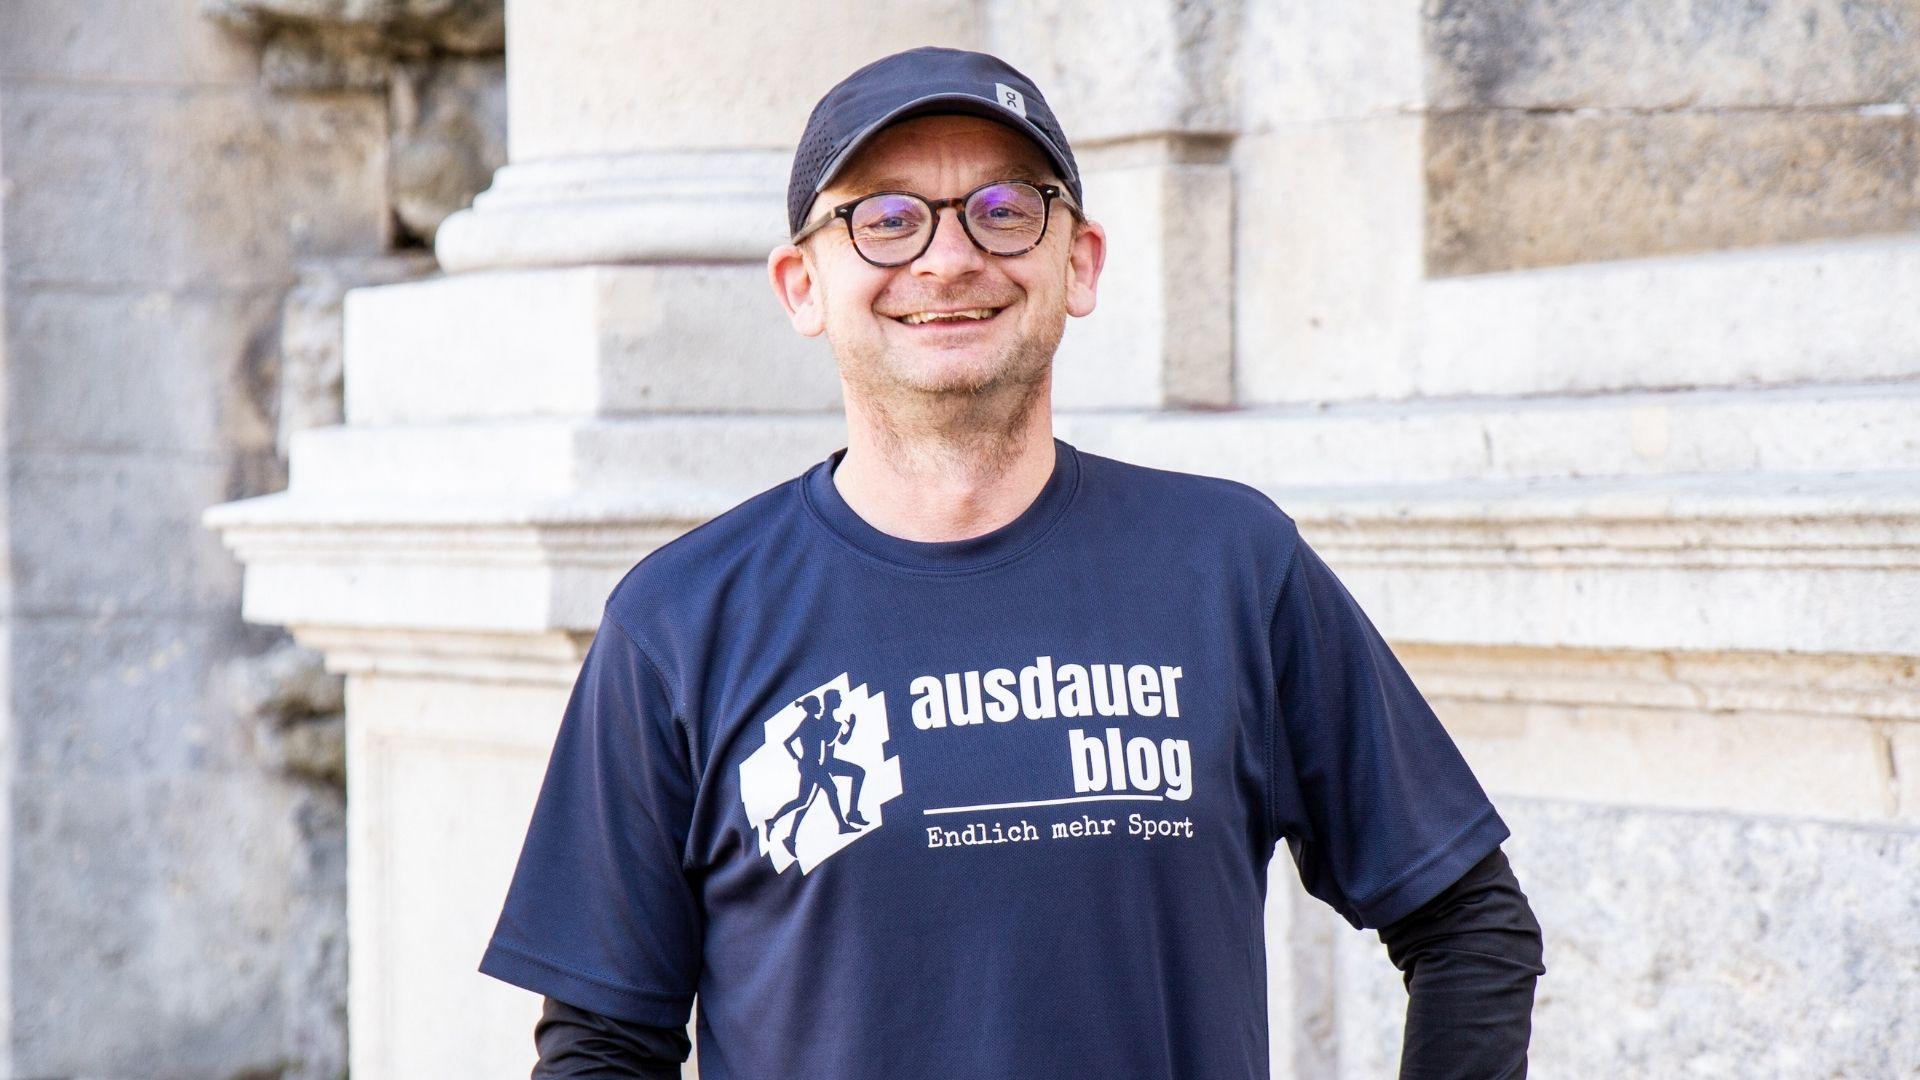 01 - Interview mit Torsten Pretzsch von ausdauerblog.de